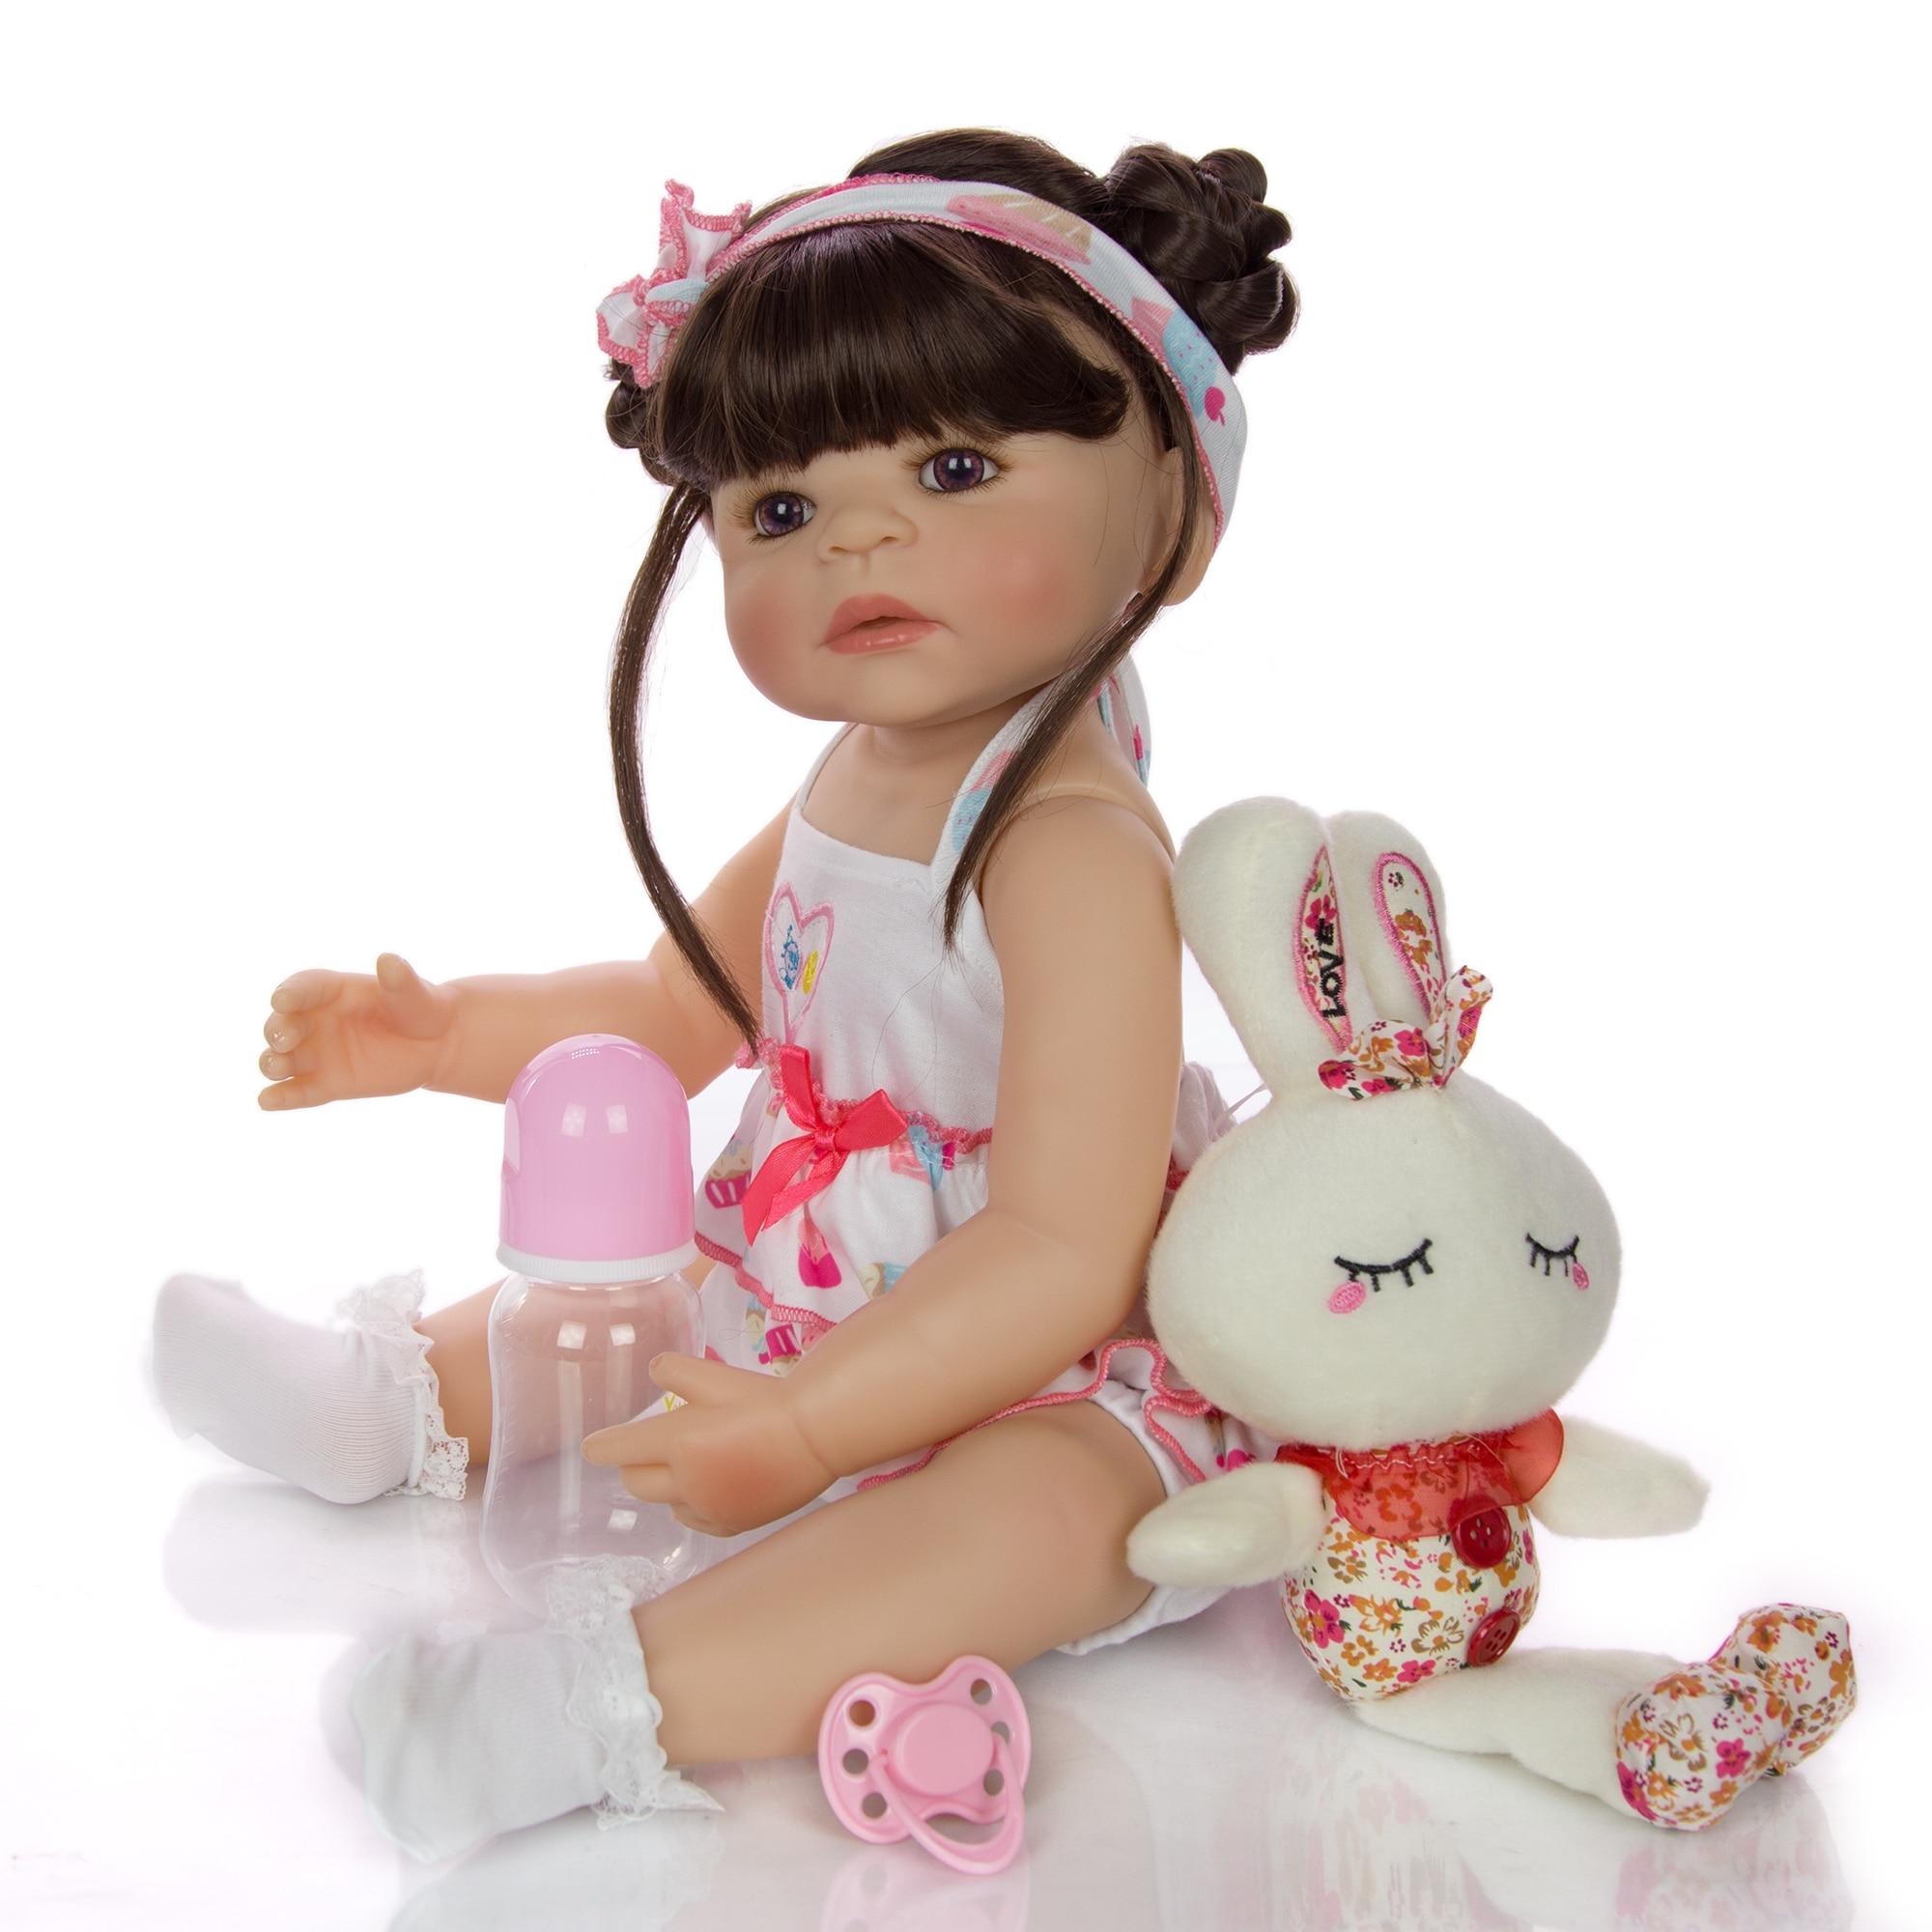 Nouveau mode 22 pouces Silicone bébé Reborn poupée 55cm réaliste nouveau-né Bebe jouet pour enfant en bas âge anniversaire présent coucher playtime